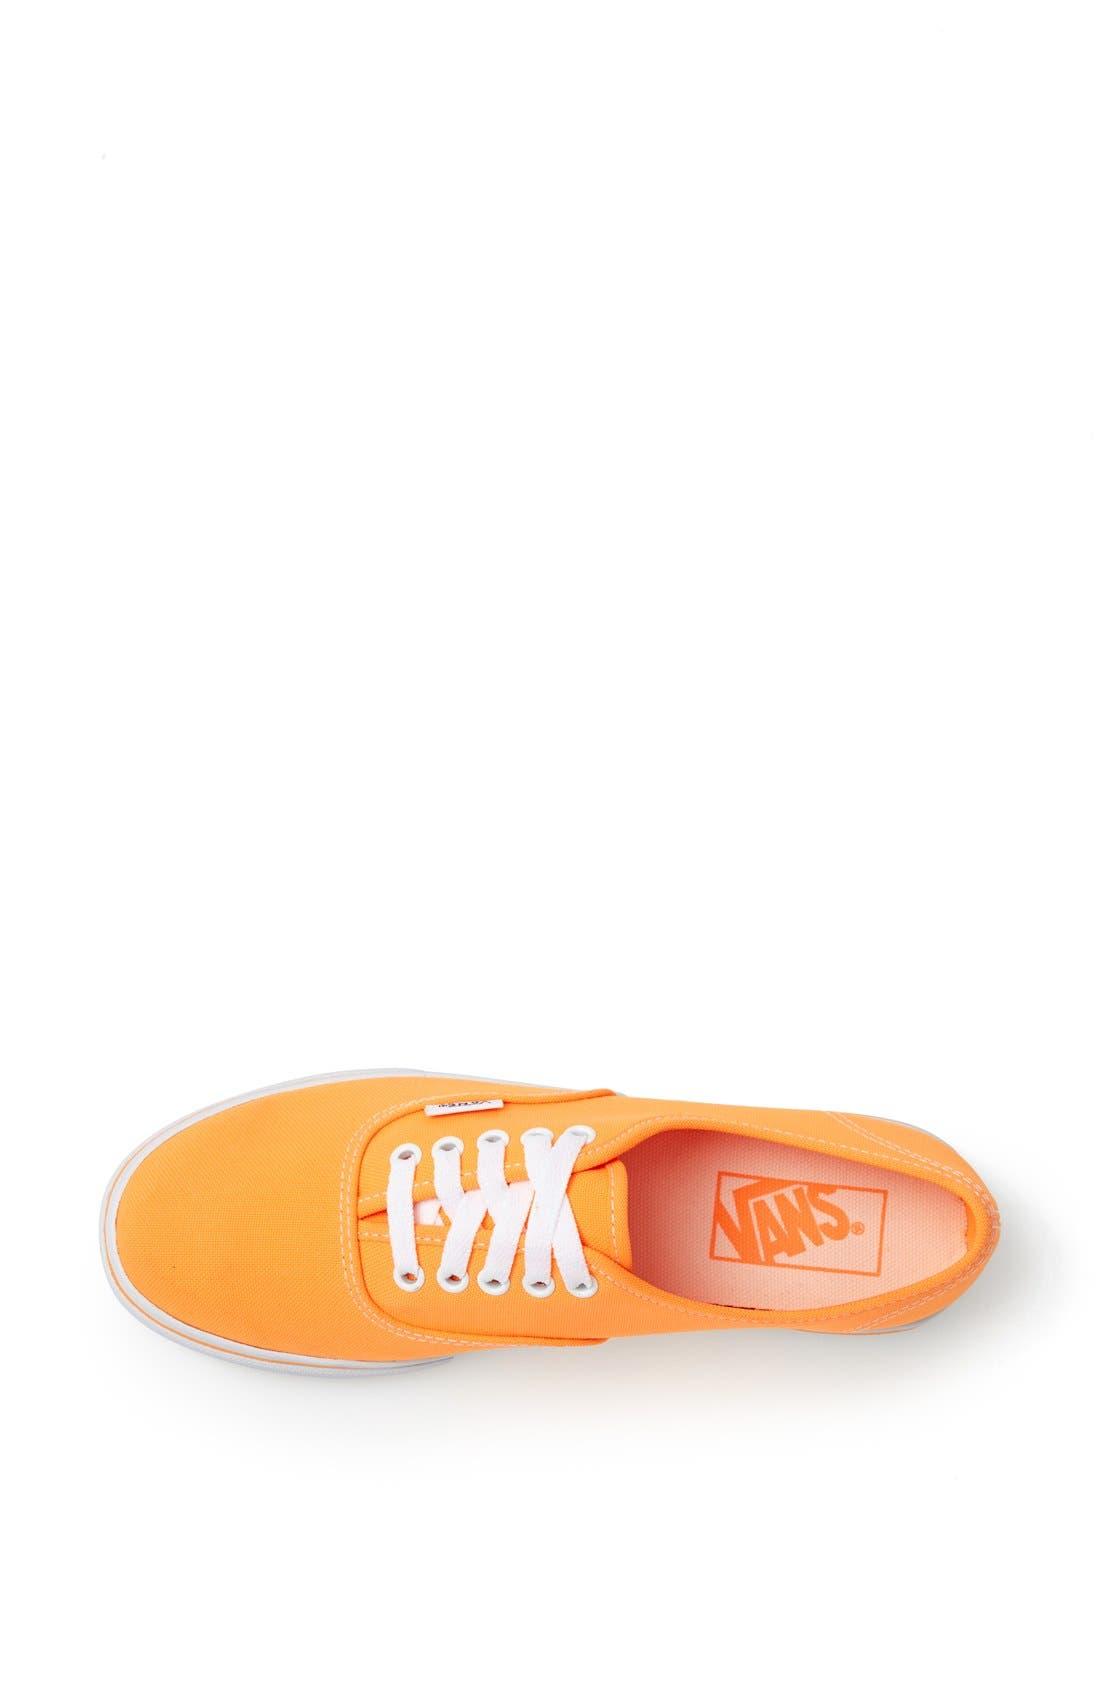 Alternate Image 3  - Vans 'Authentic Lo Pro - Neon' Sneaker (Women)